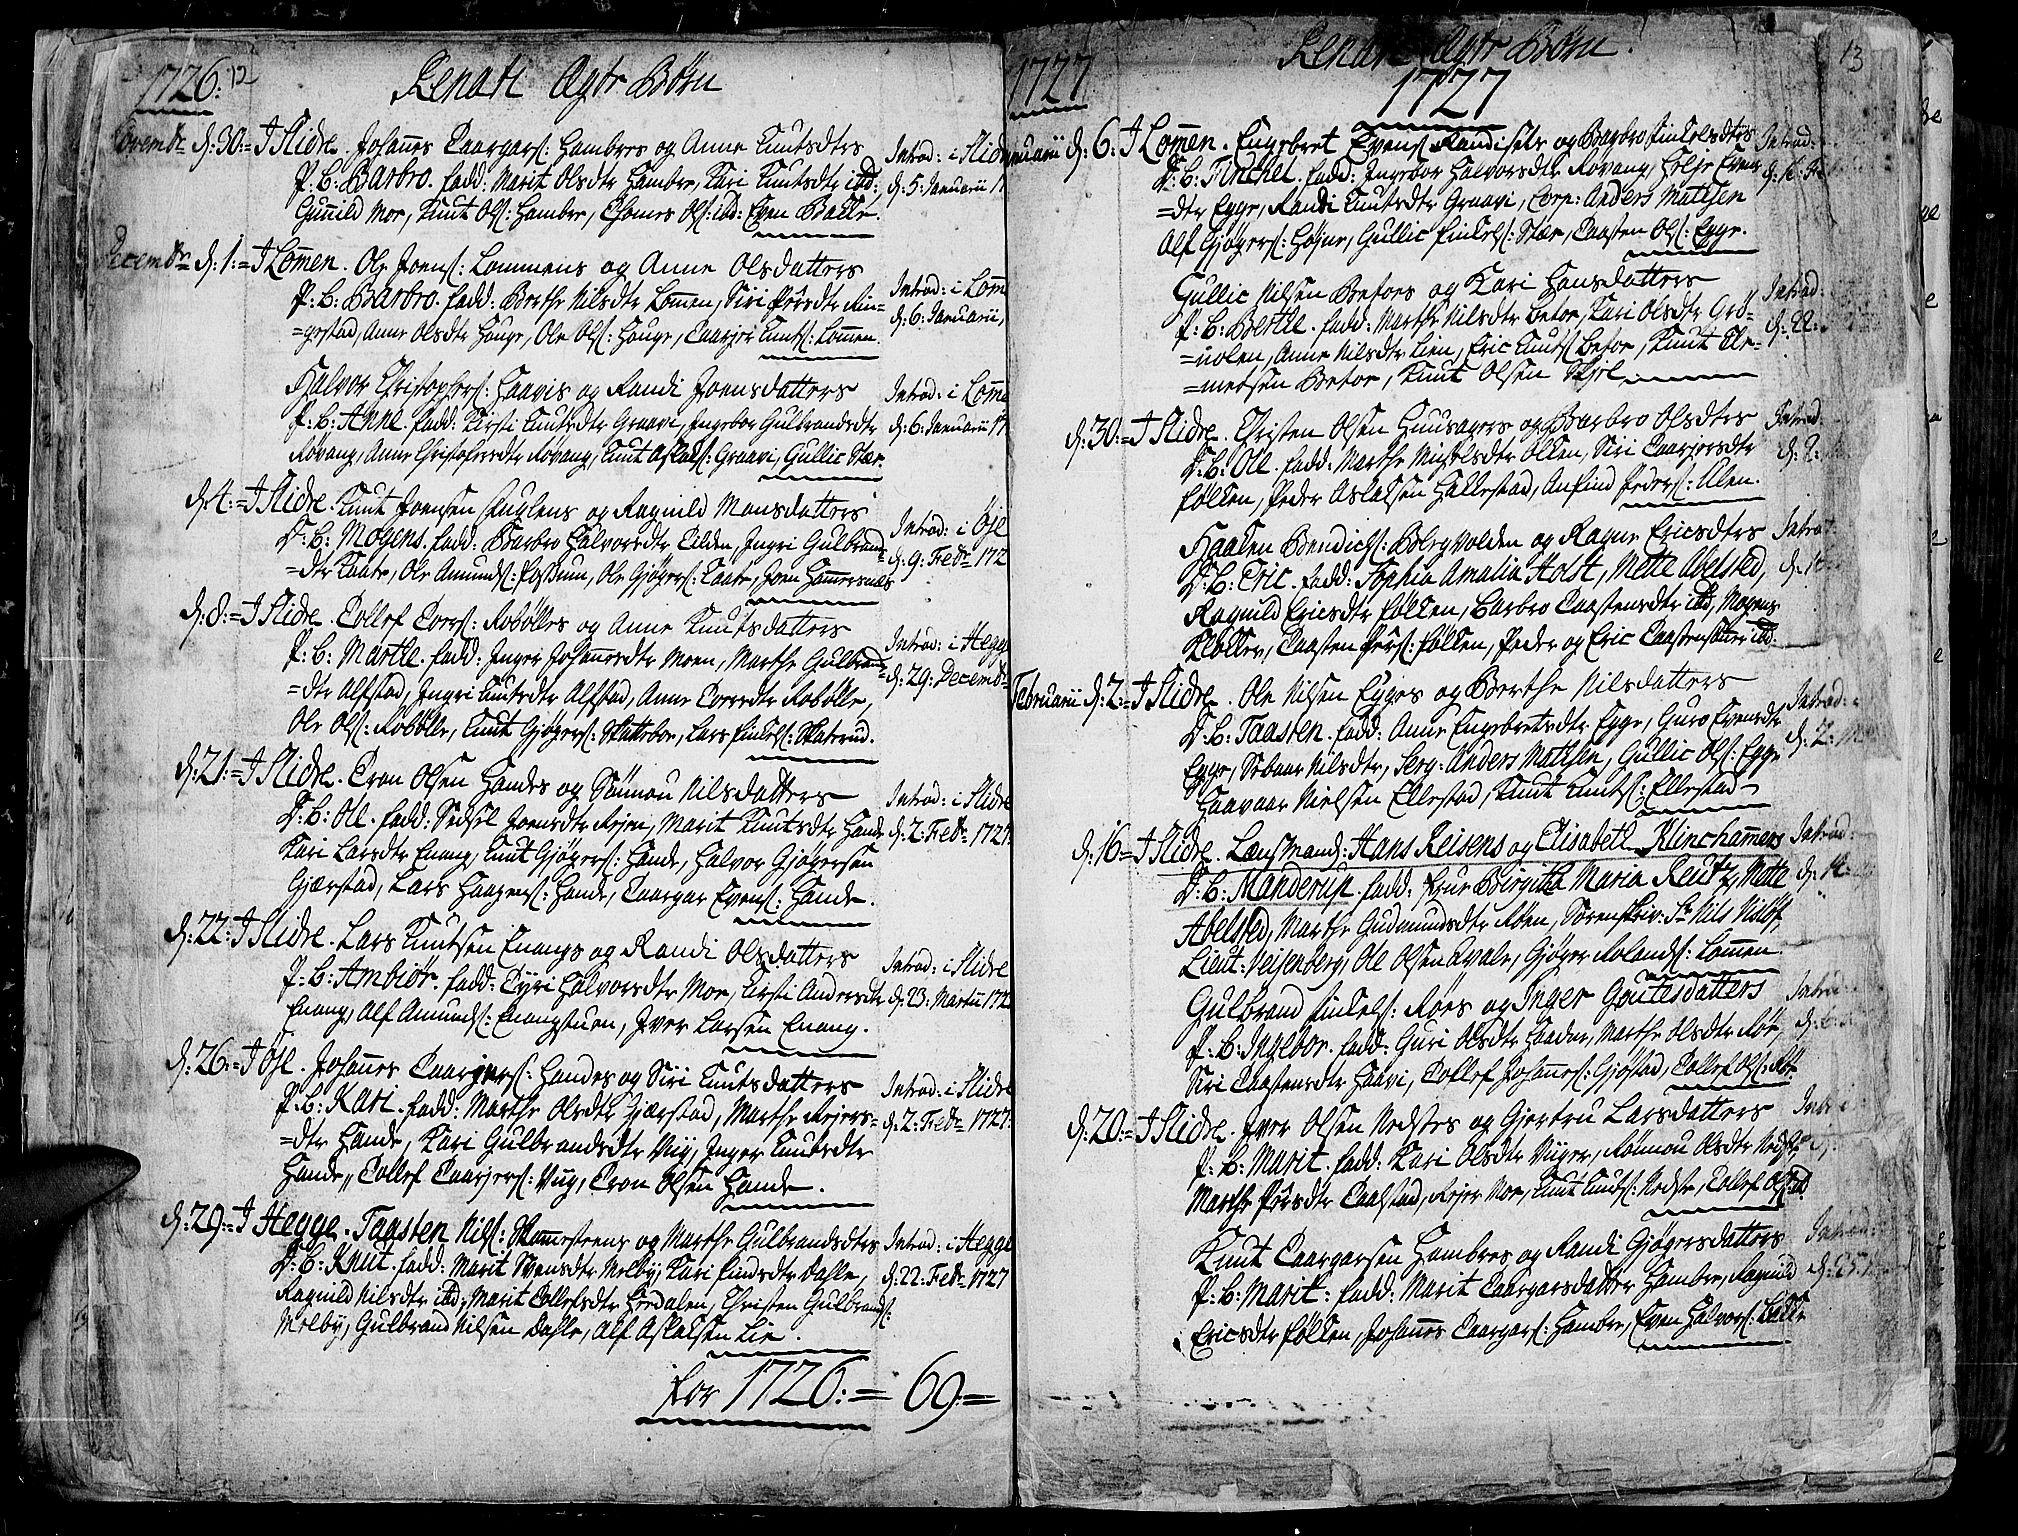 SAH, Slidre prestekontor, Ministerialbok nr. 1, 1724-1814, s. 12-13